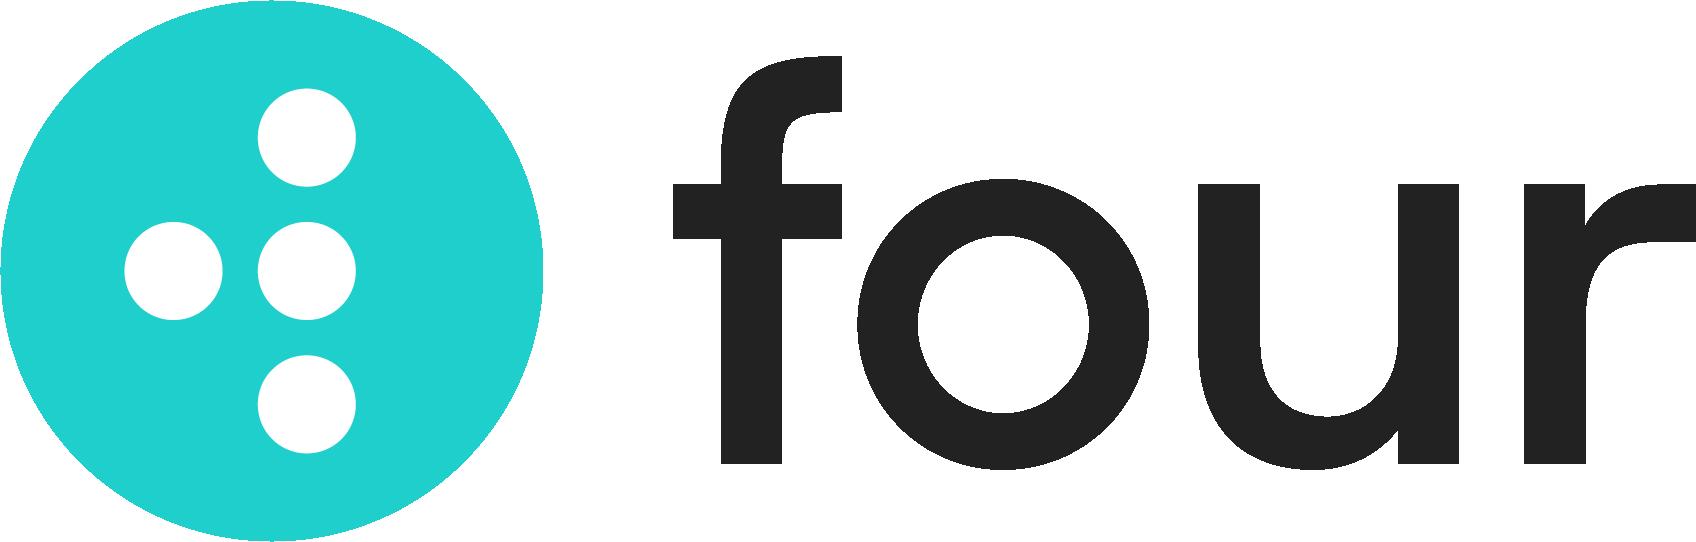 Toucan Toco logo